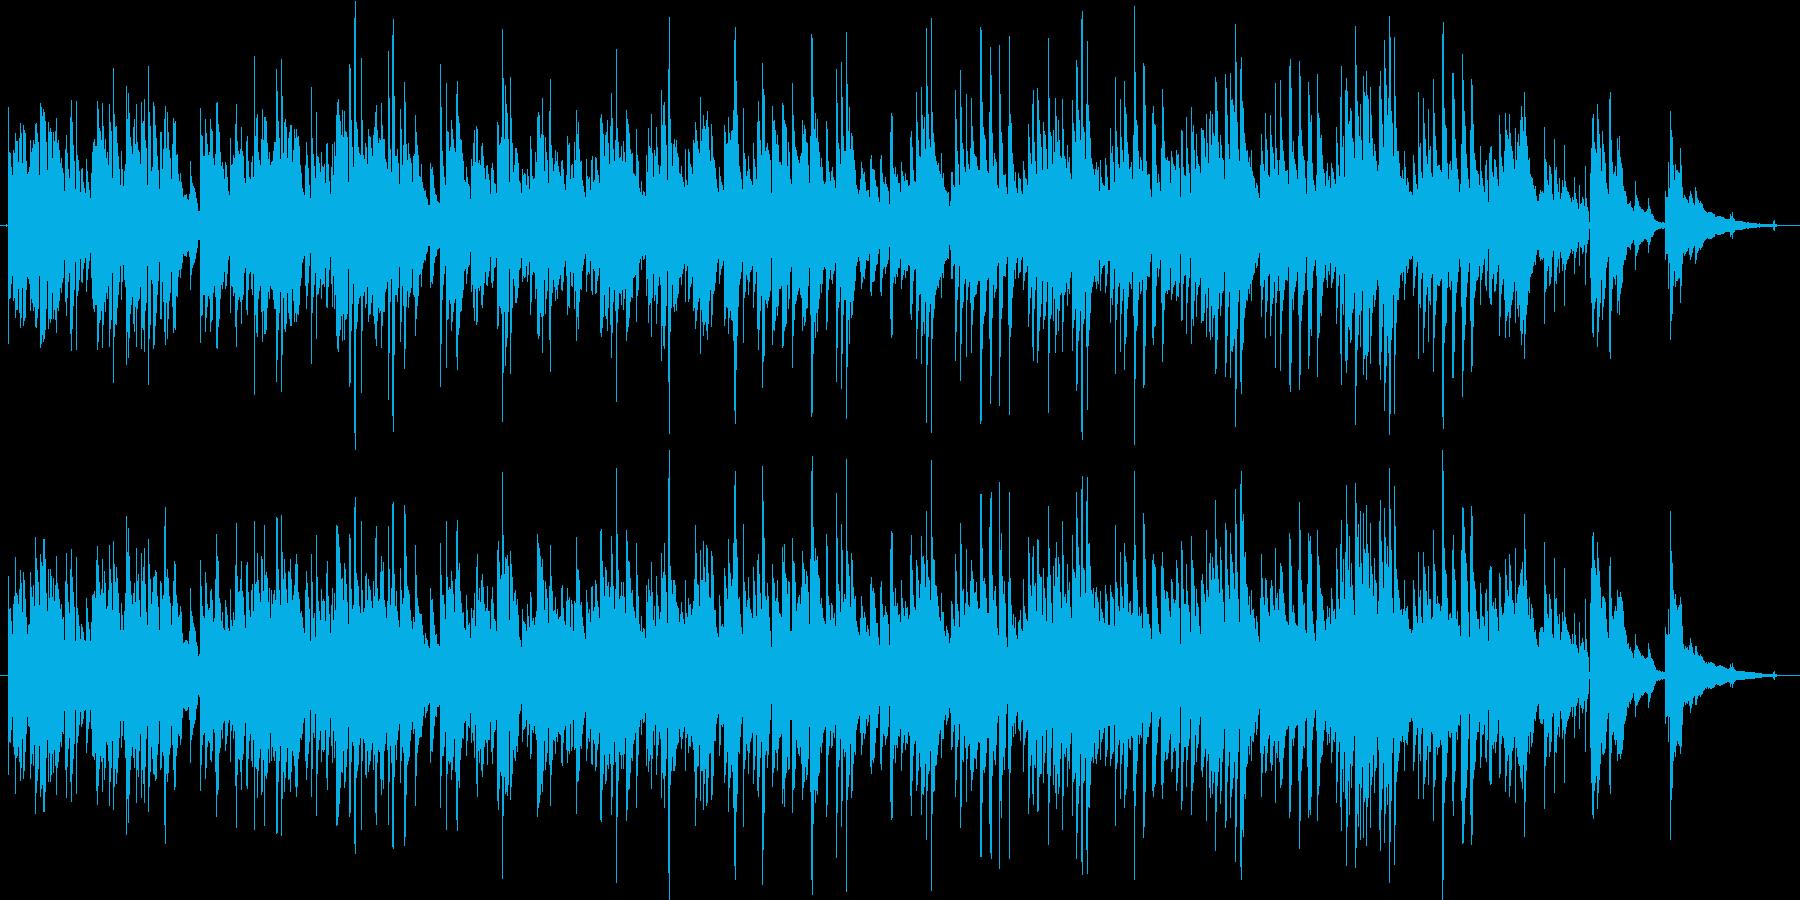 ギターデュオによるほのぼの穏やかな曲の再生済みの波形